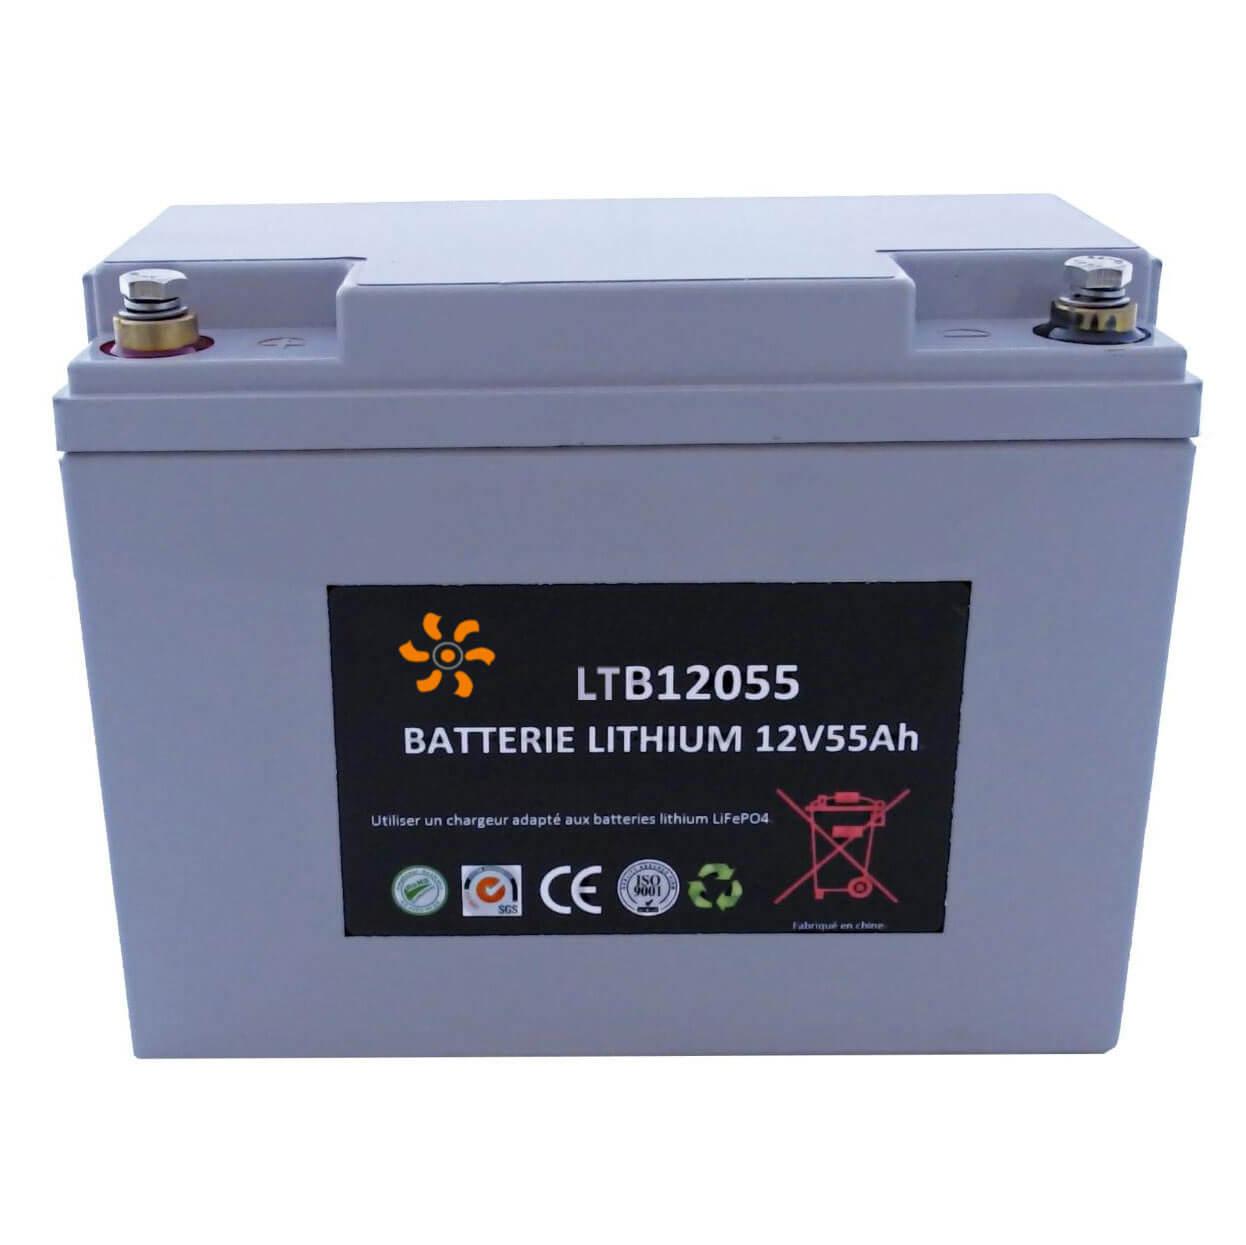 Batterie lithium 12V 55Ah